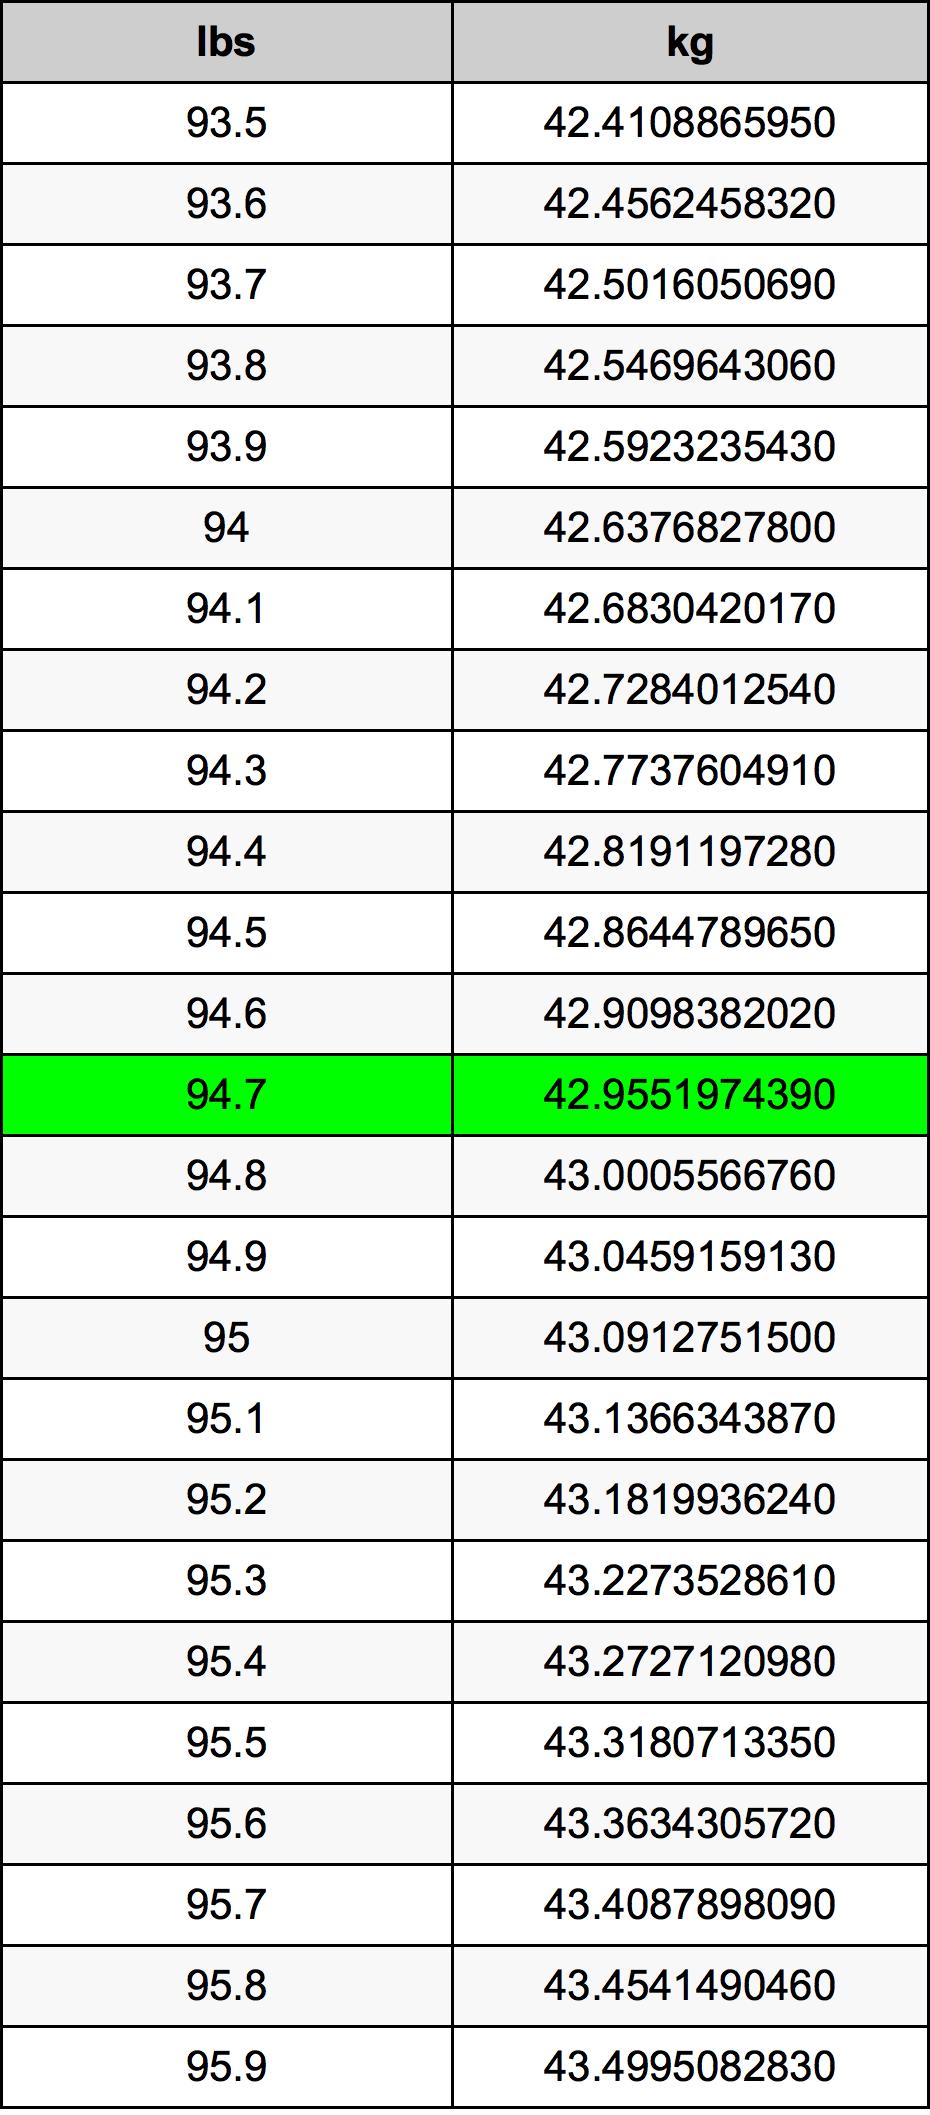 94.7 Svaras konversijos lentelę